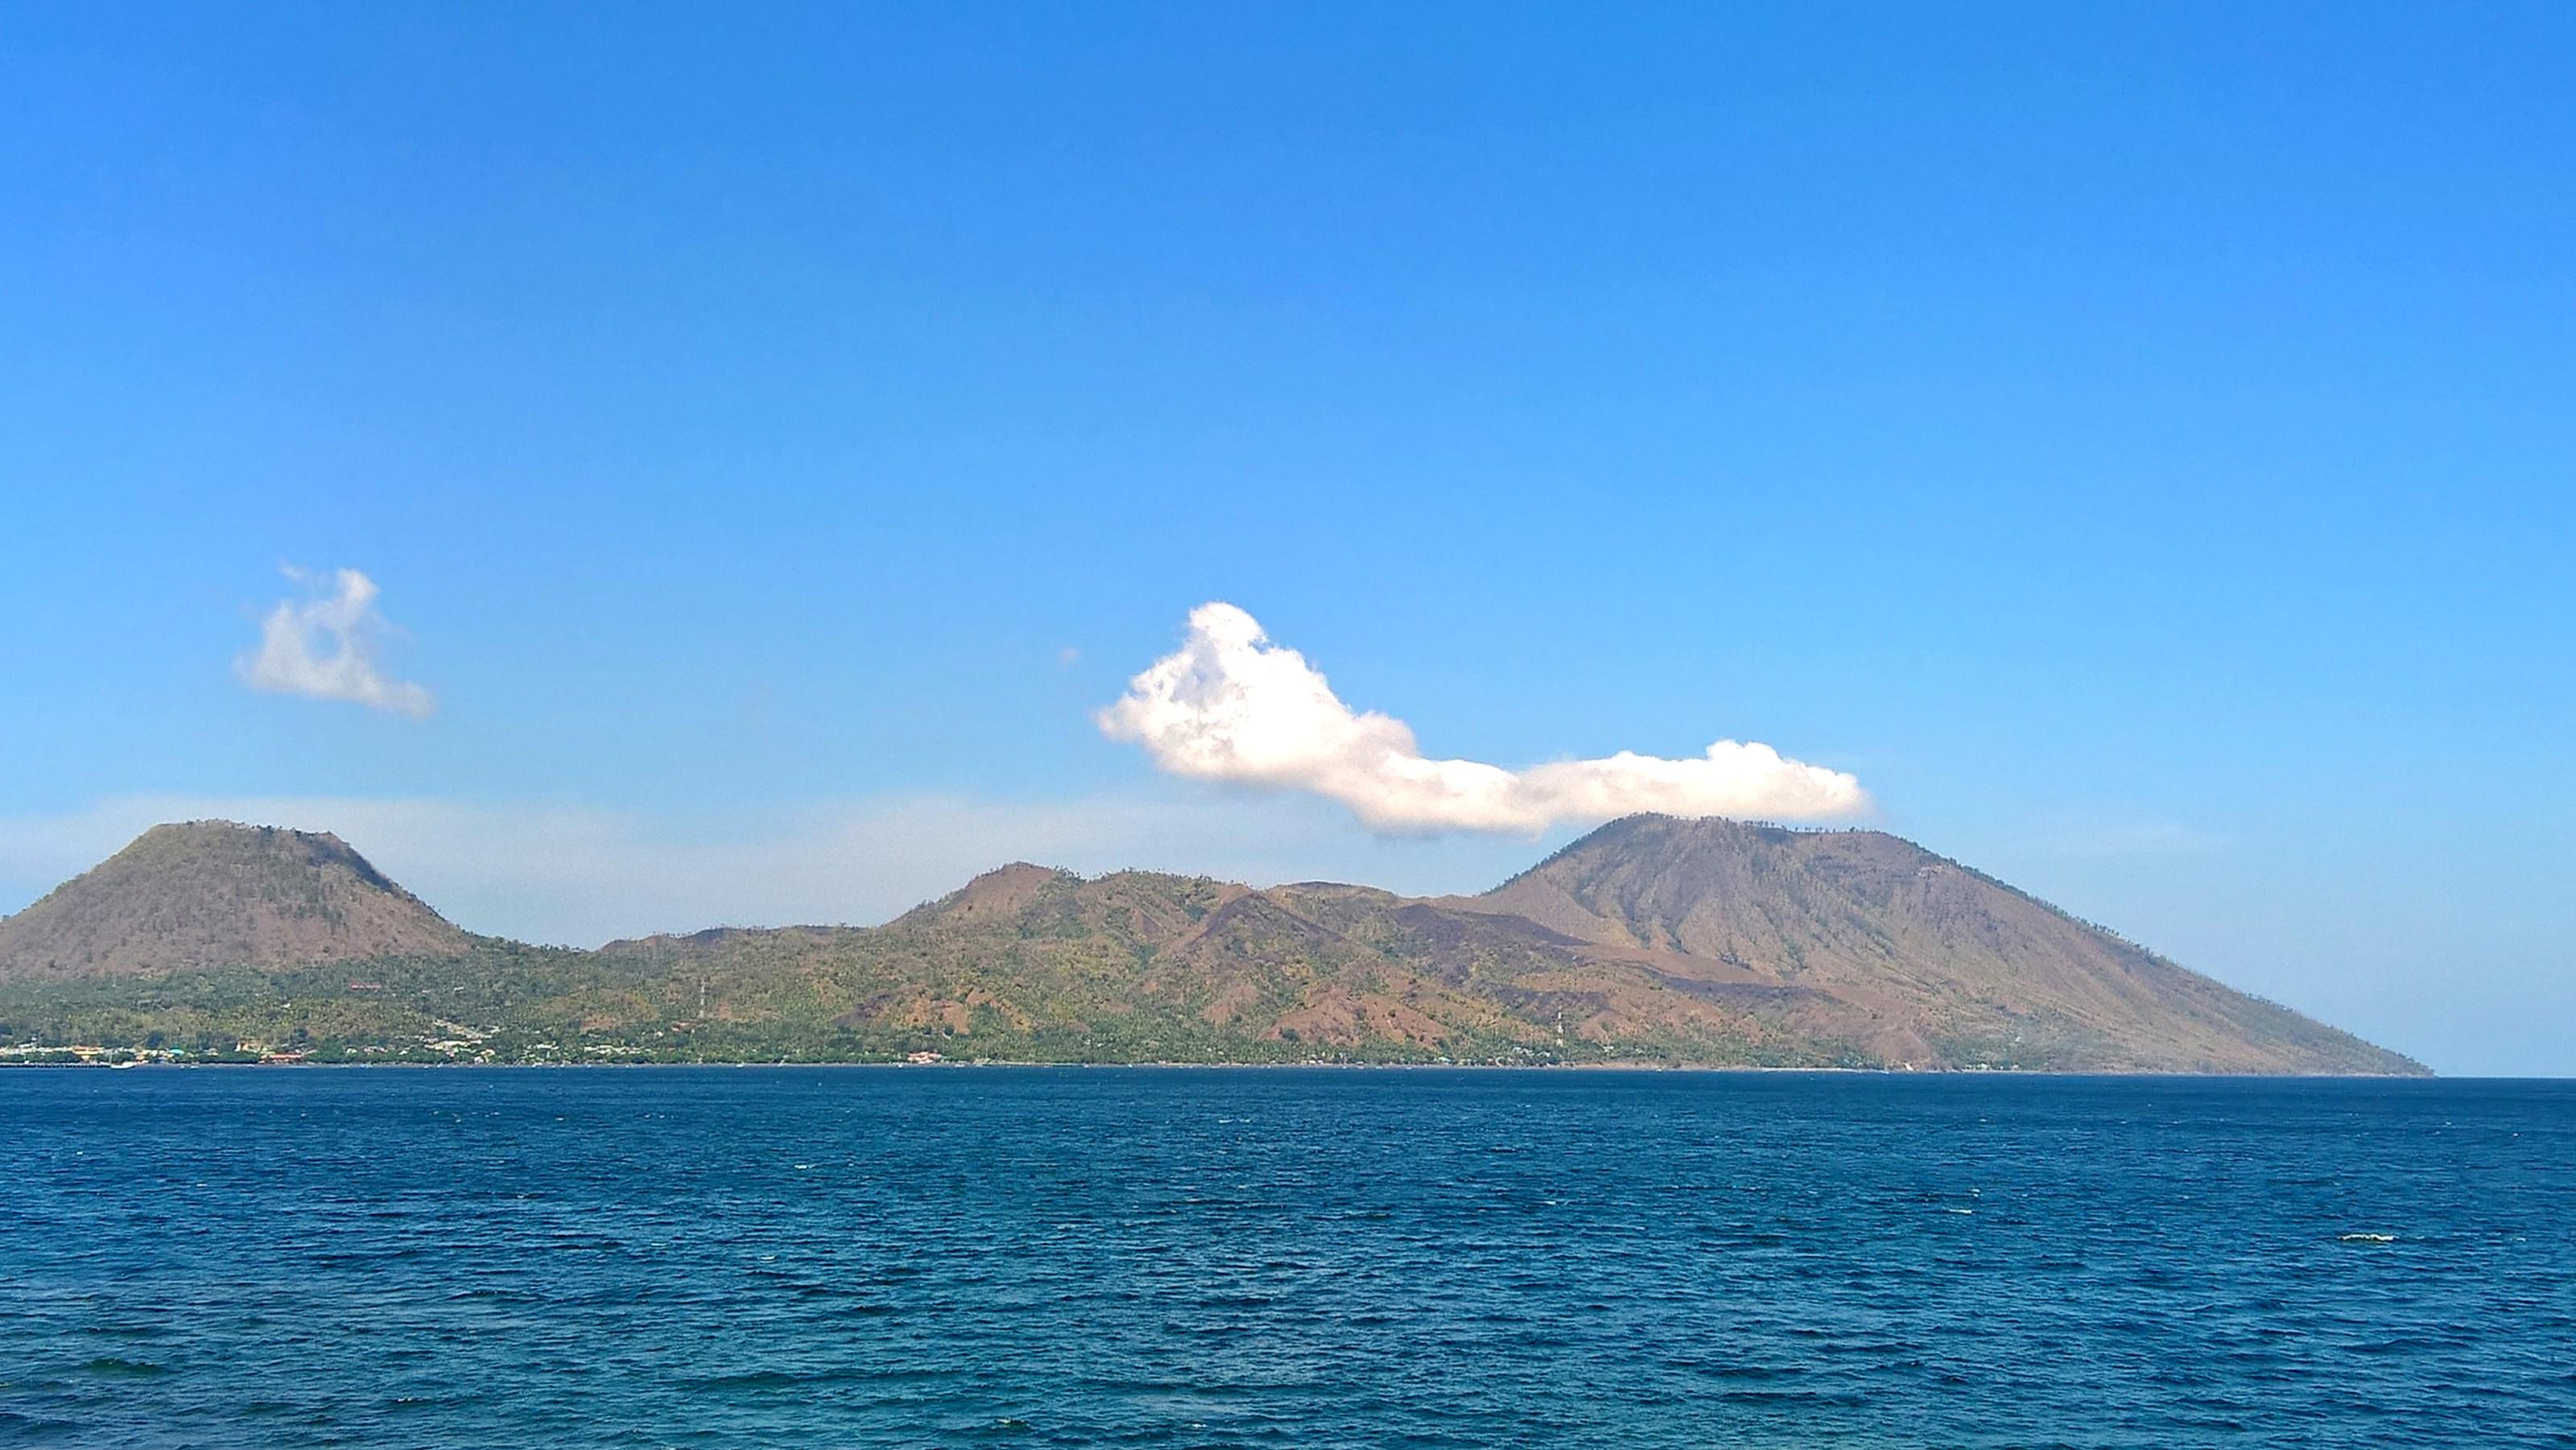 Flores un isola e tanti vulcani